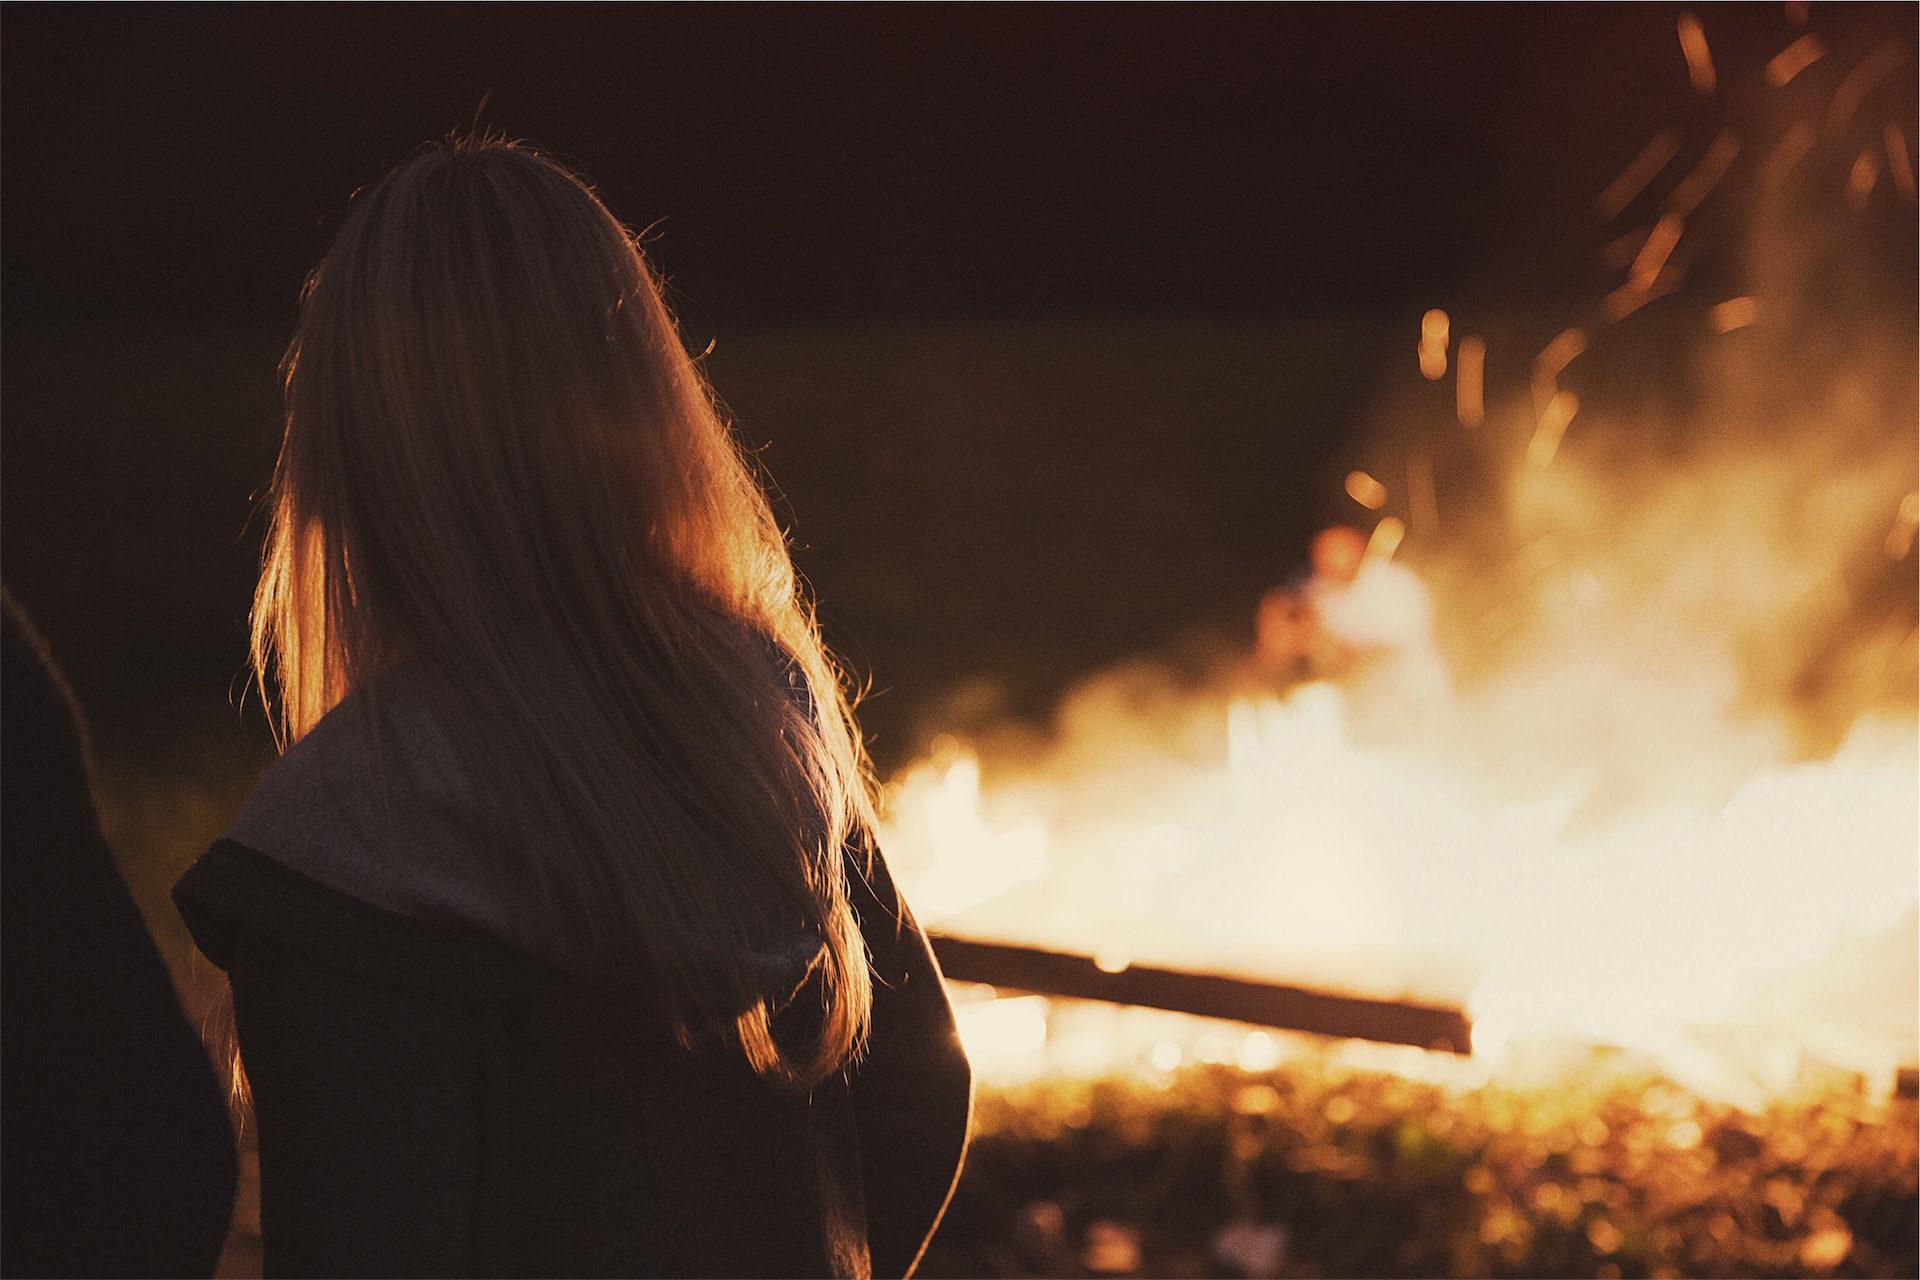 篝火, 消防, 女人, sudadera, 晚上 - 高清壁纸 - 教授-falken.com